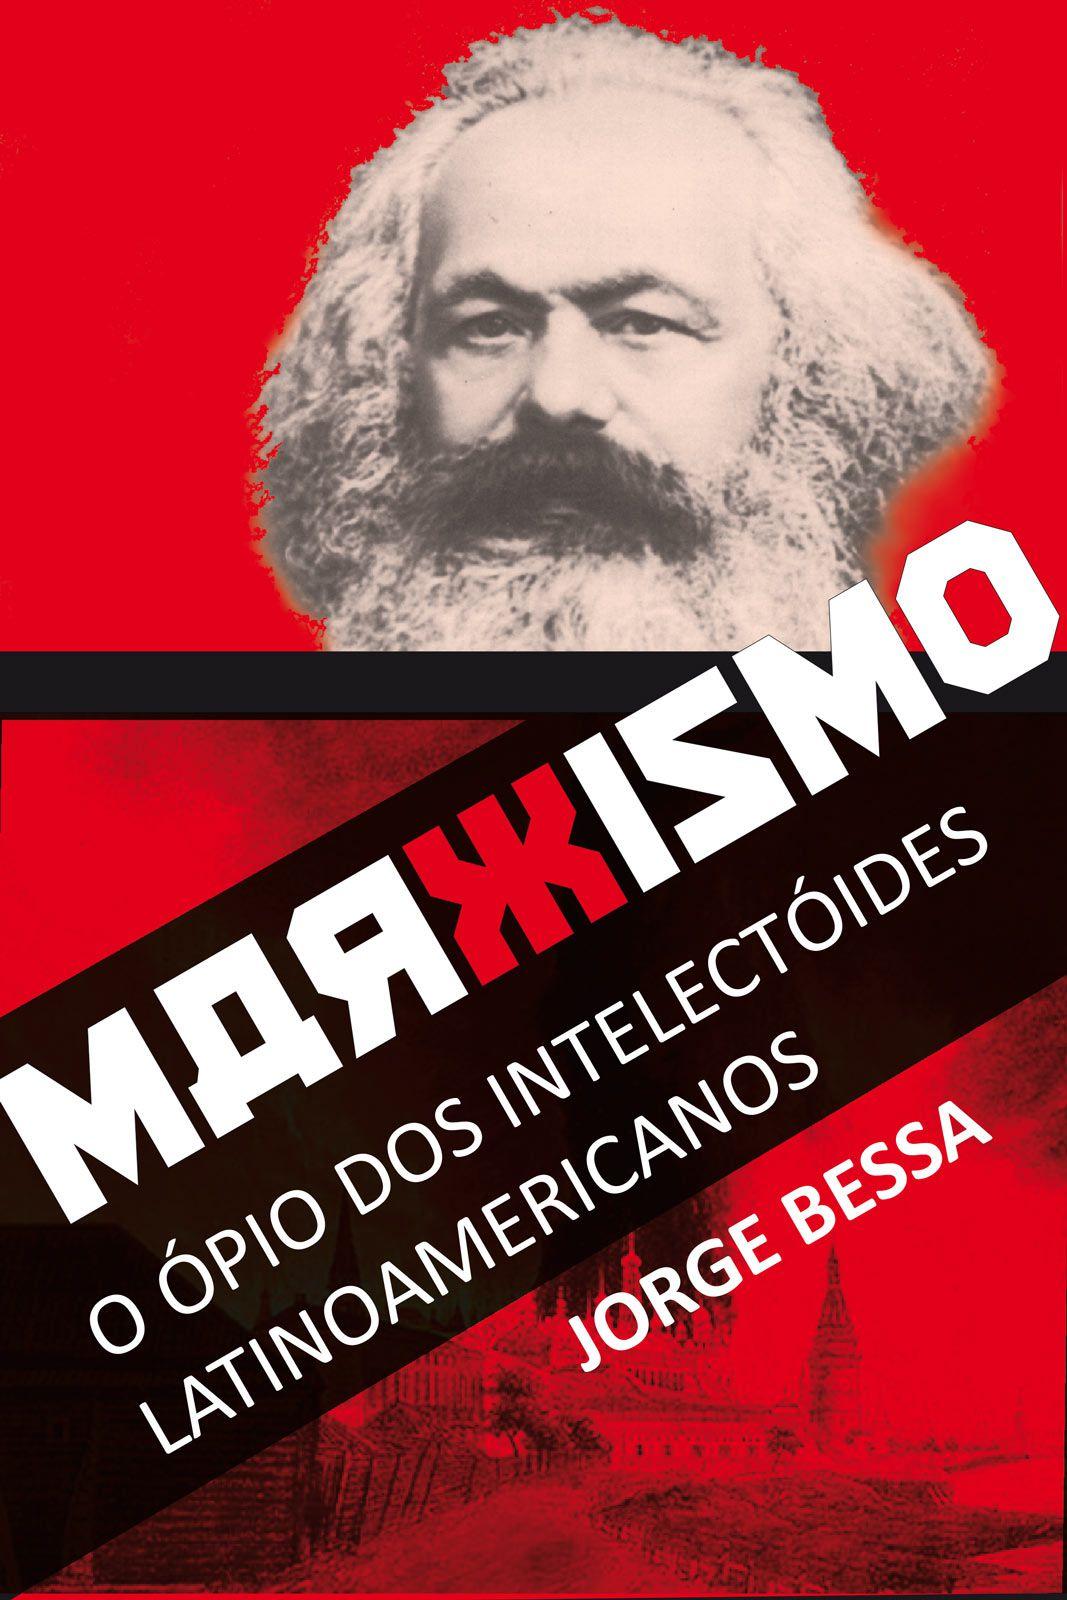 Marxismo: o ópio dos Intelectoides Latinoamericanos